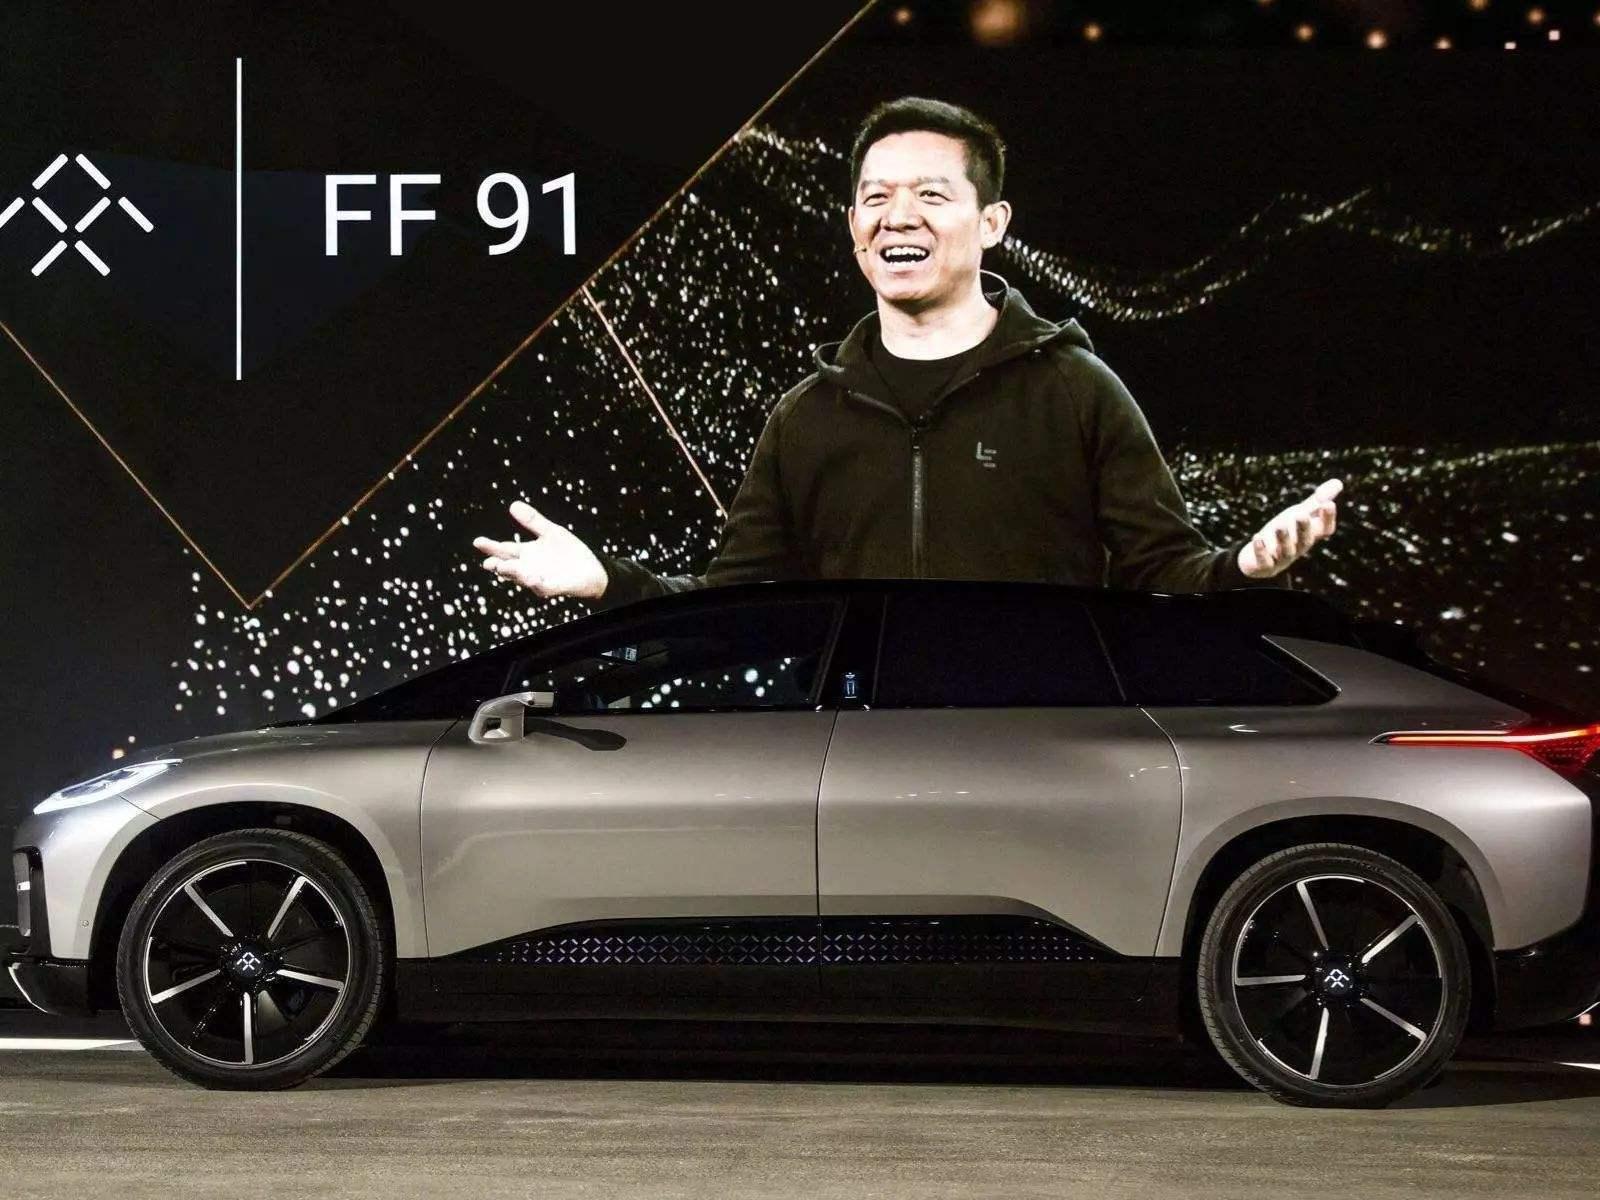 恒大新布局:FF拉拢许家印投资 难道恒大真看上了贾跃亭的电动汽车?